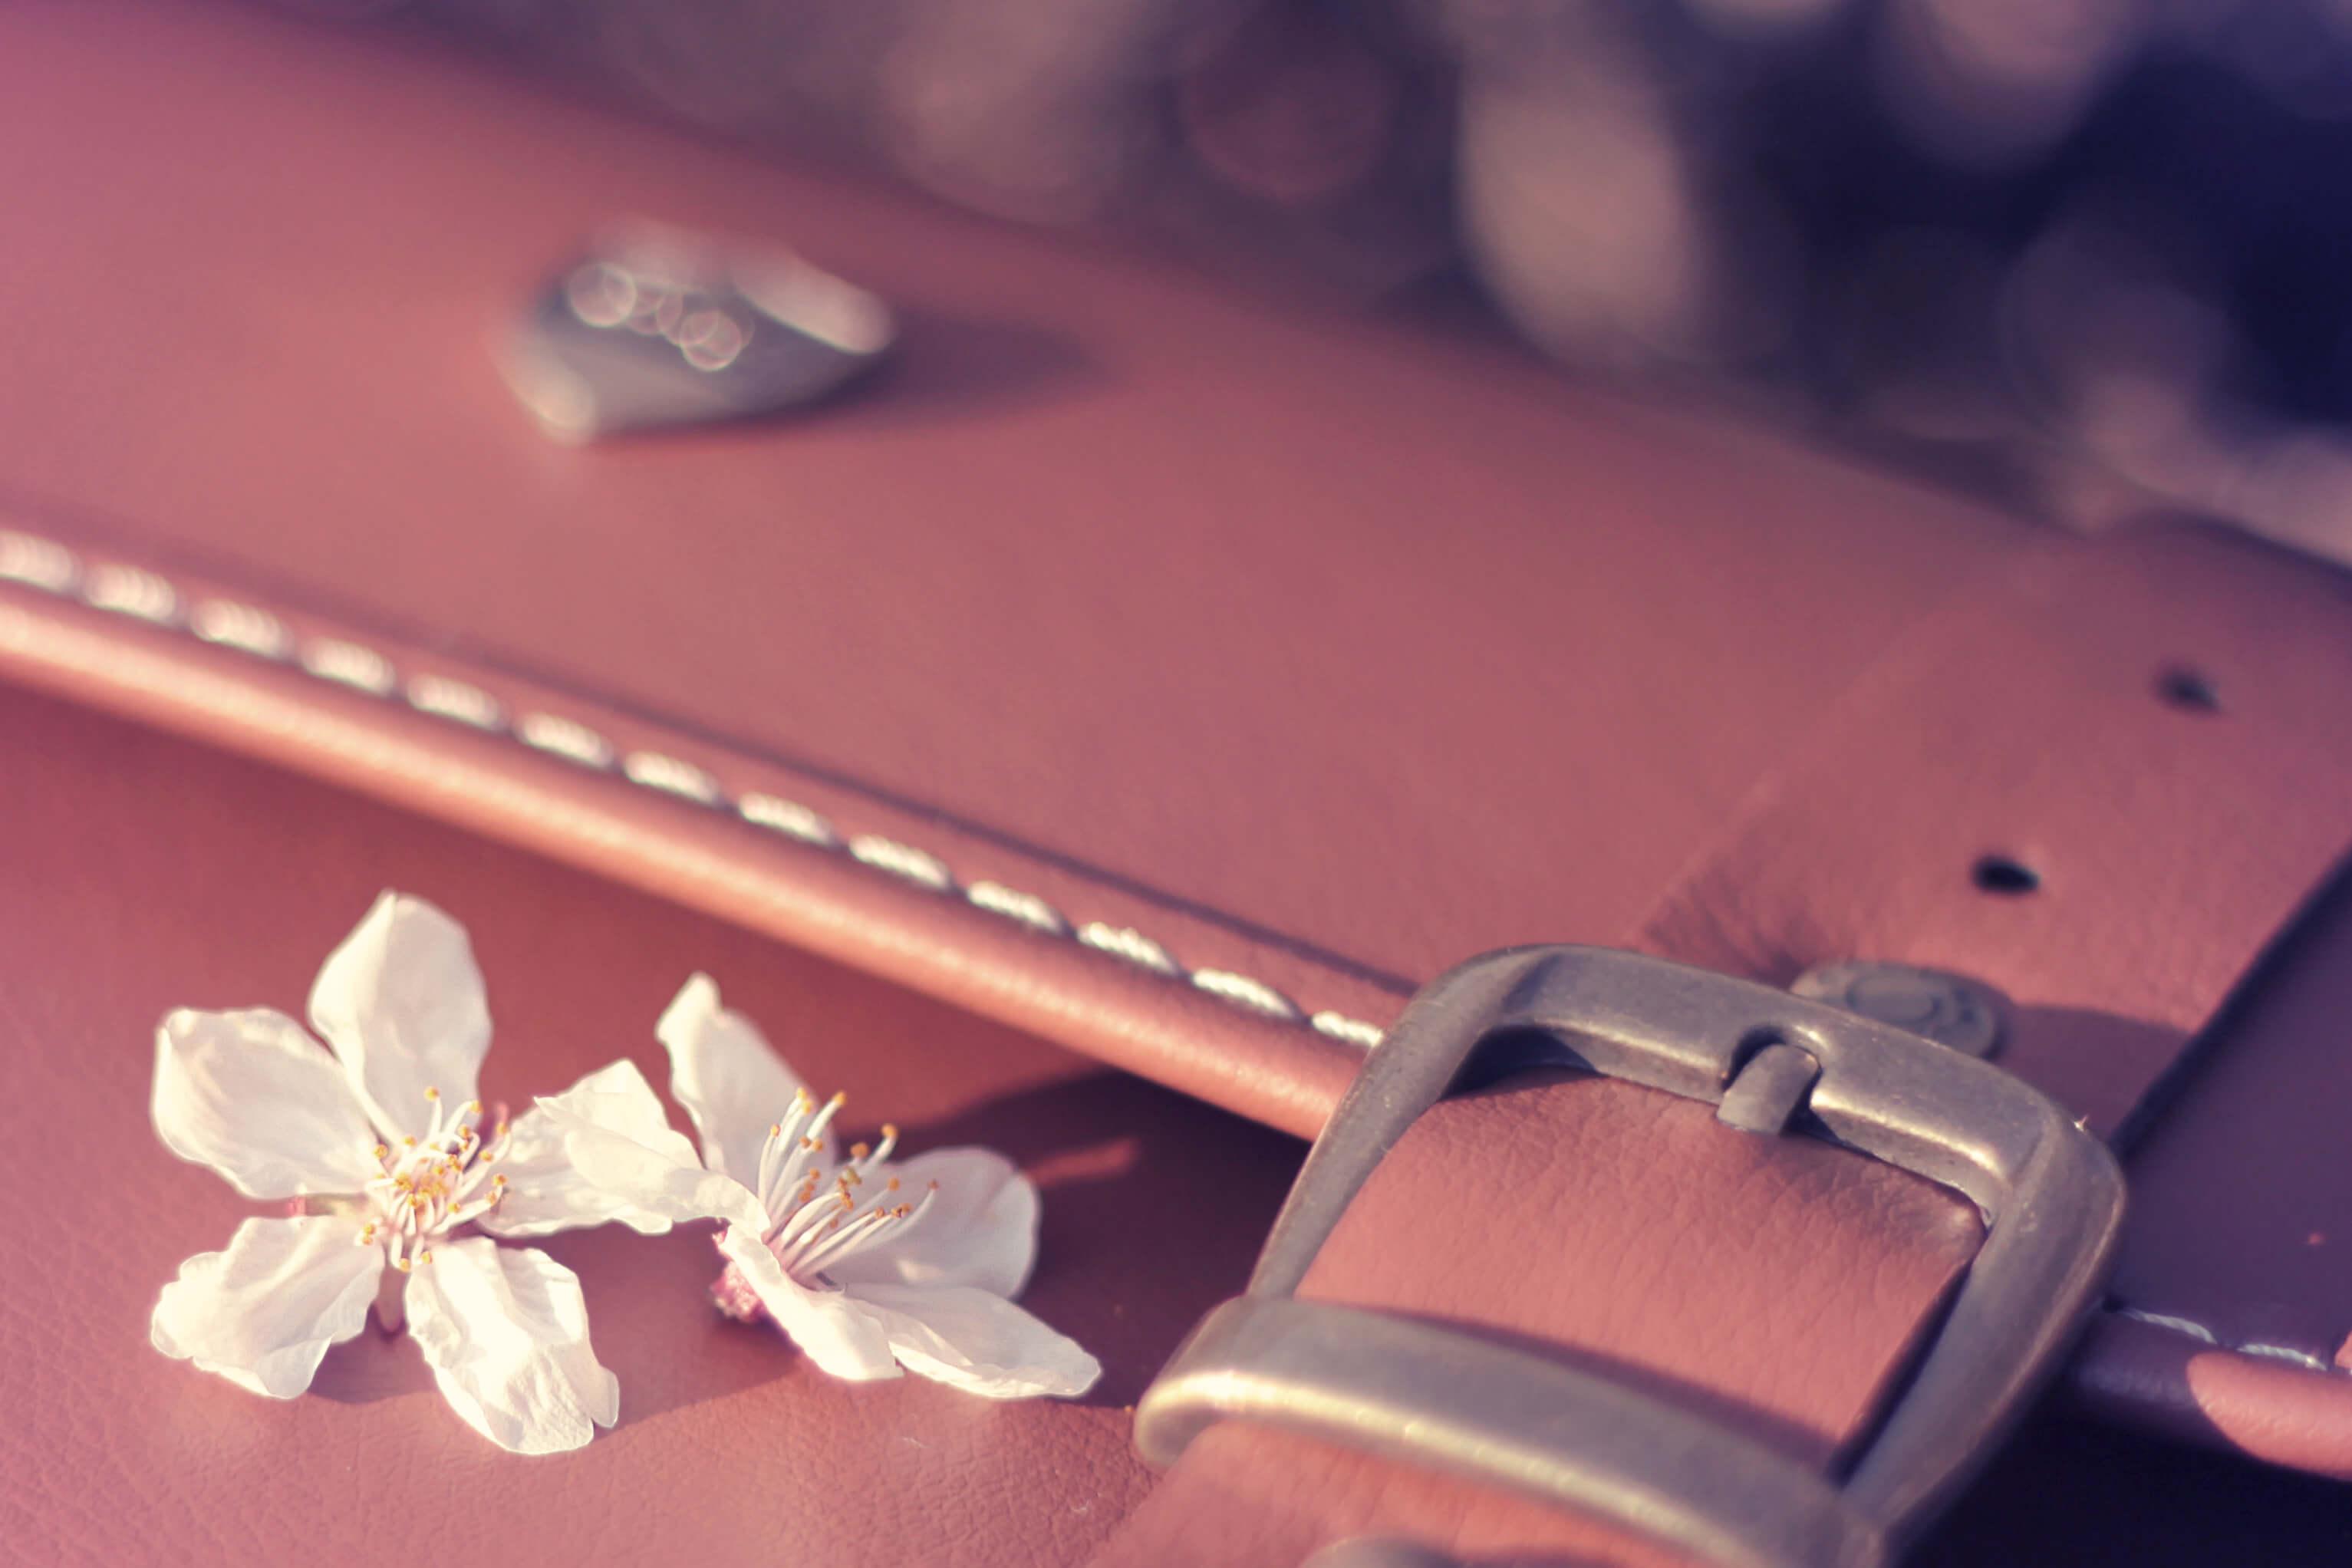 落ち葉と桜の花びらが告げる冬の終わり/春の始まり